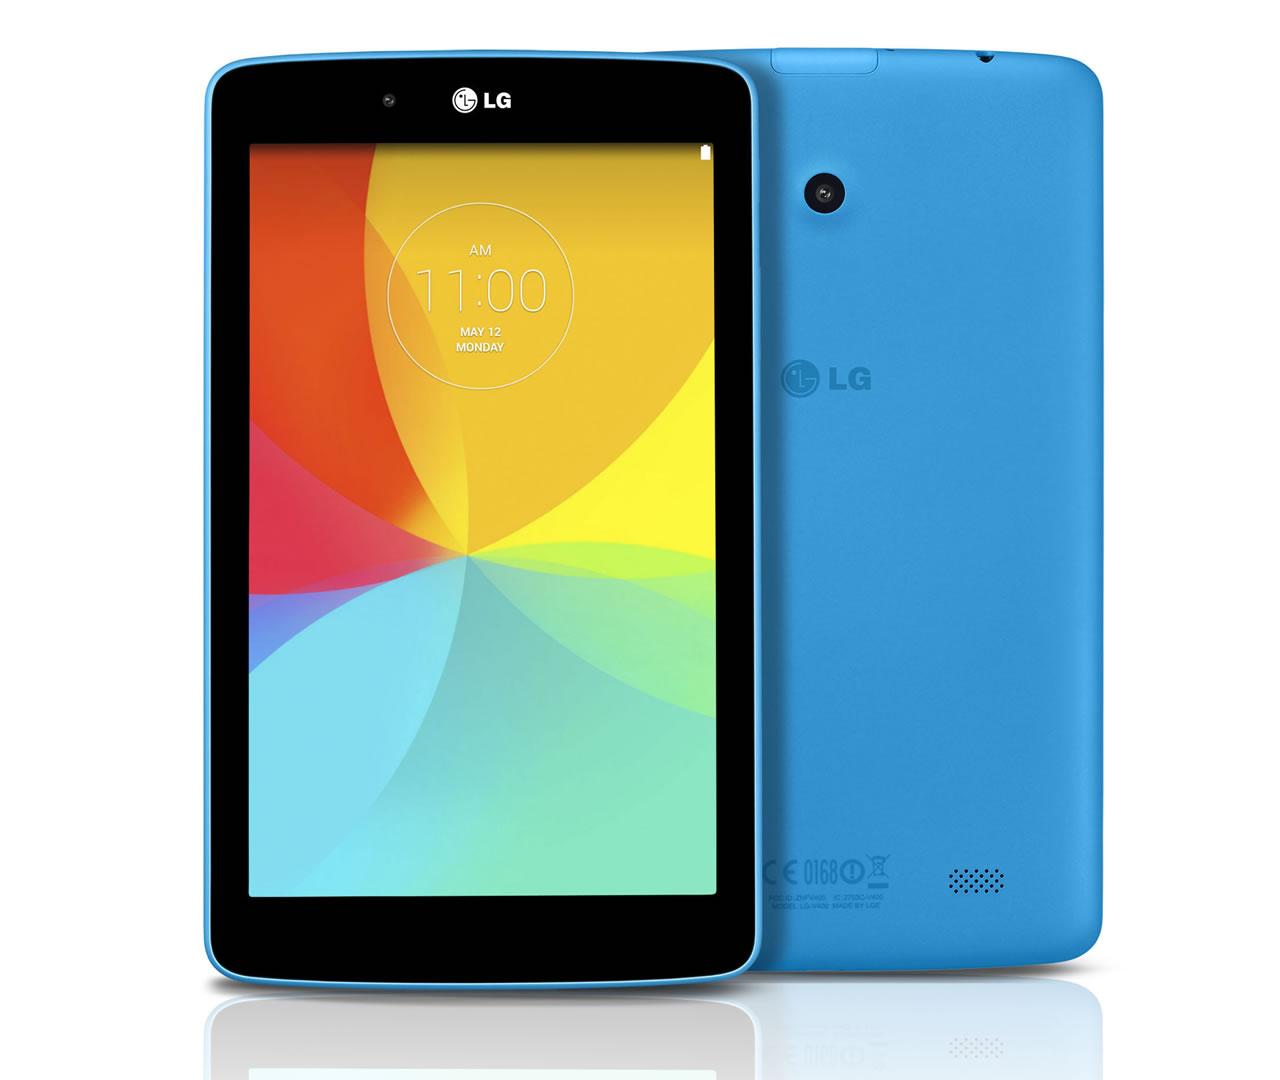 Spesifikasi dan Harga LG G Pad 7.0